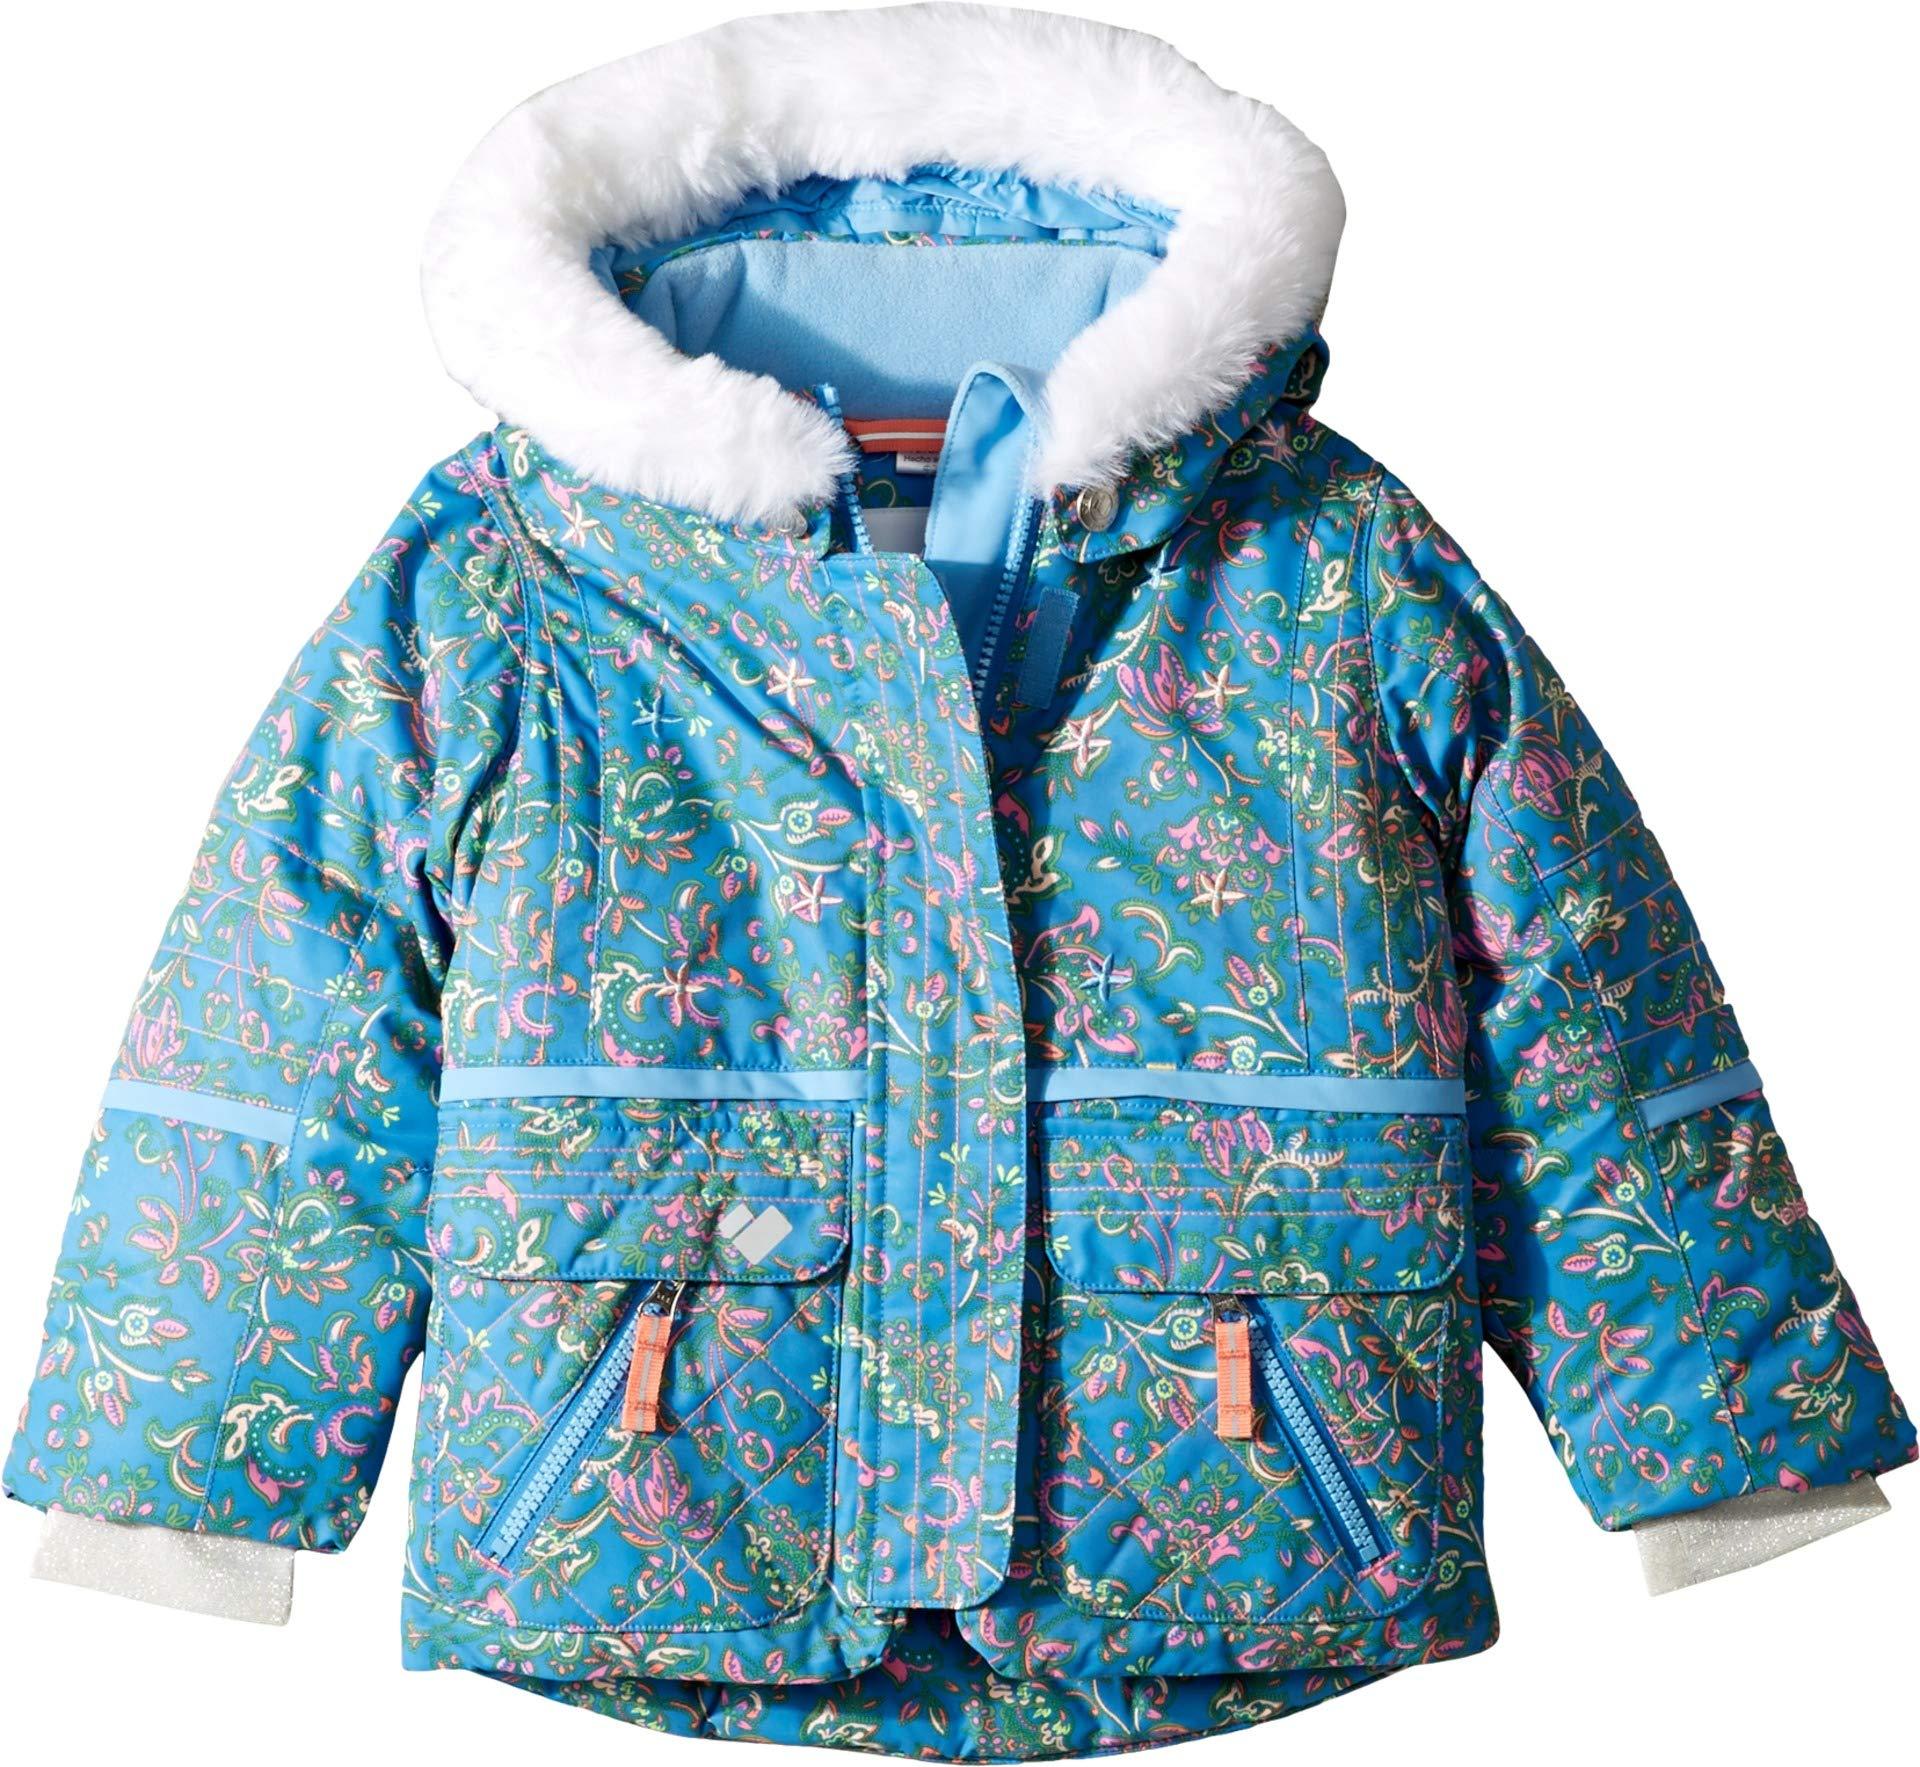 Obermeyer Kids Baby Girl's Lindy Jacket (Toddler/Little Kids/Big Kids) Honeysuckle Blue 4T by Obermeyer Kids